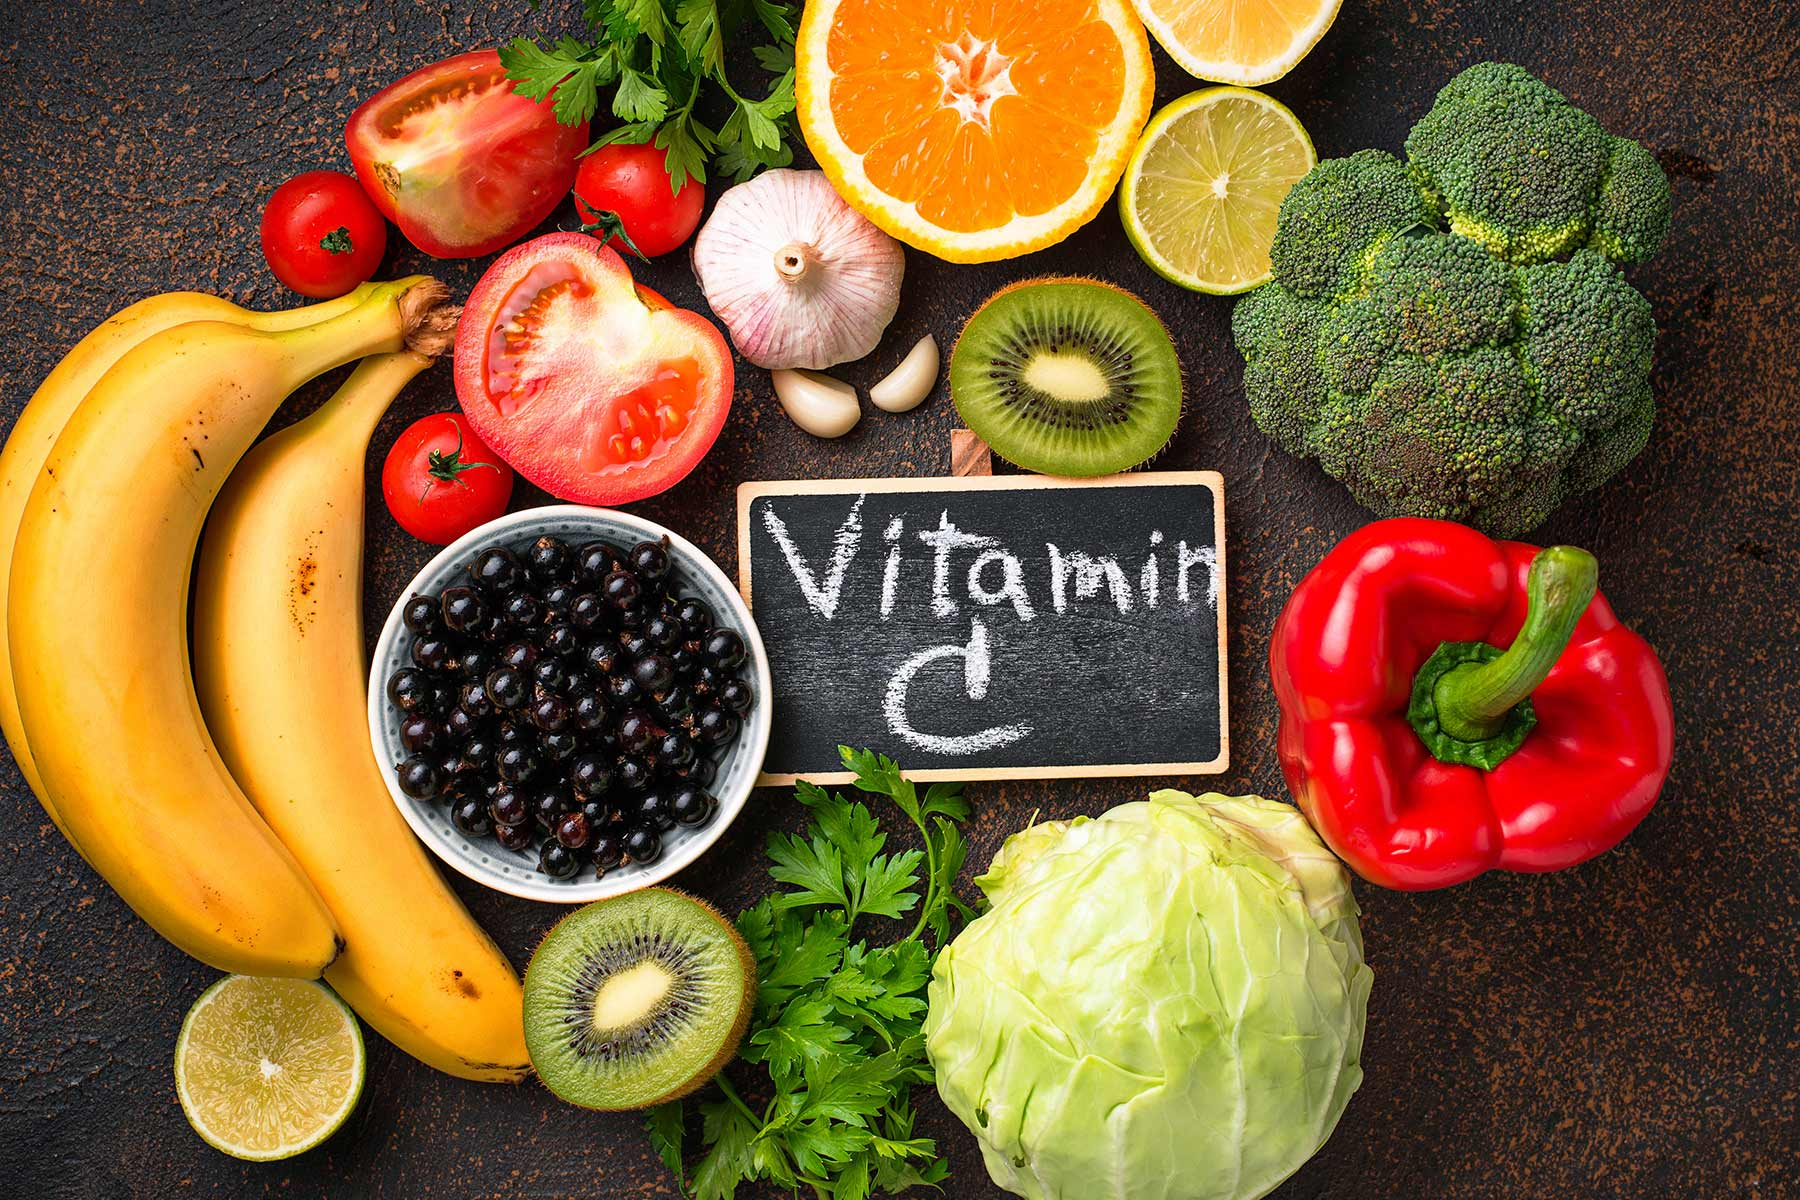 ویتامین c در پیشگیری و درمان کرونا نقش دارد؟